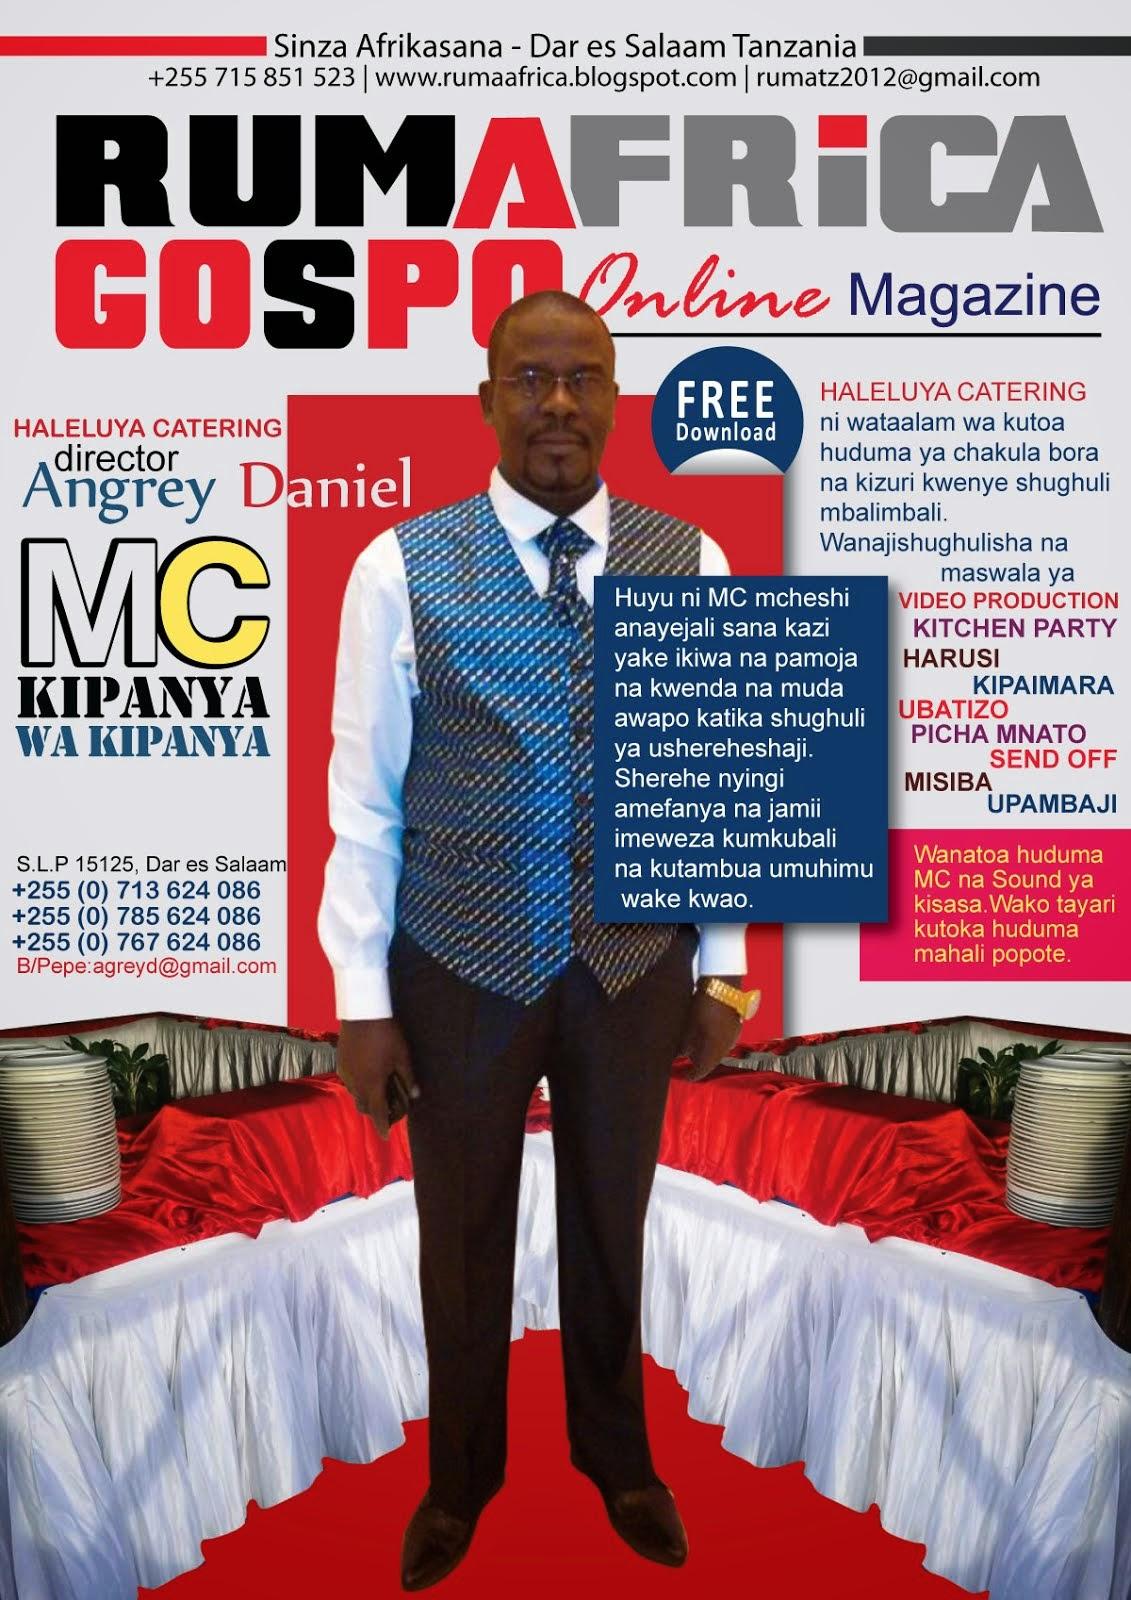 MC KIPANYA WA KIPANYA NDANI YA RUMAFRICA Online MAGAZINE